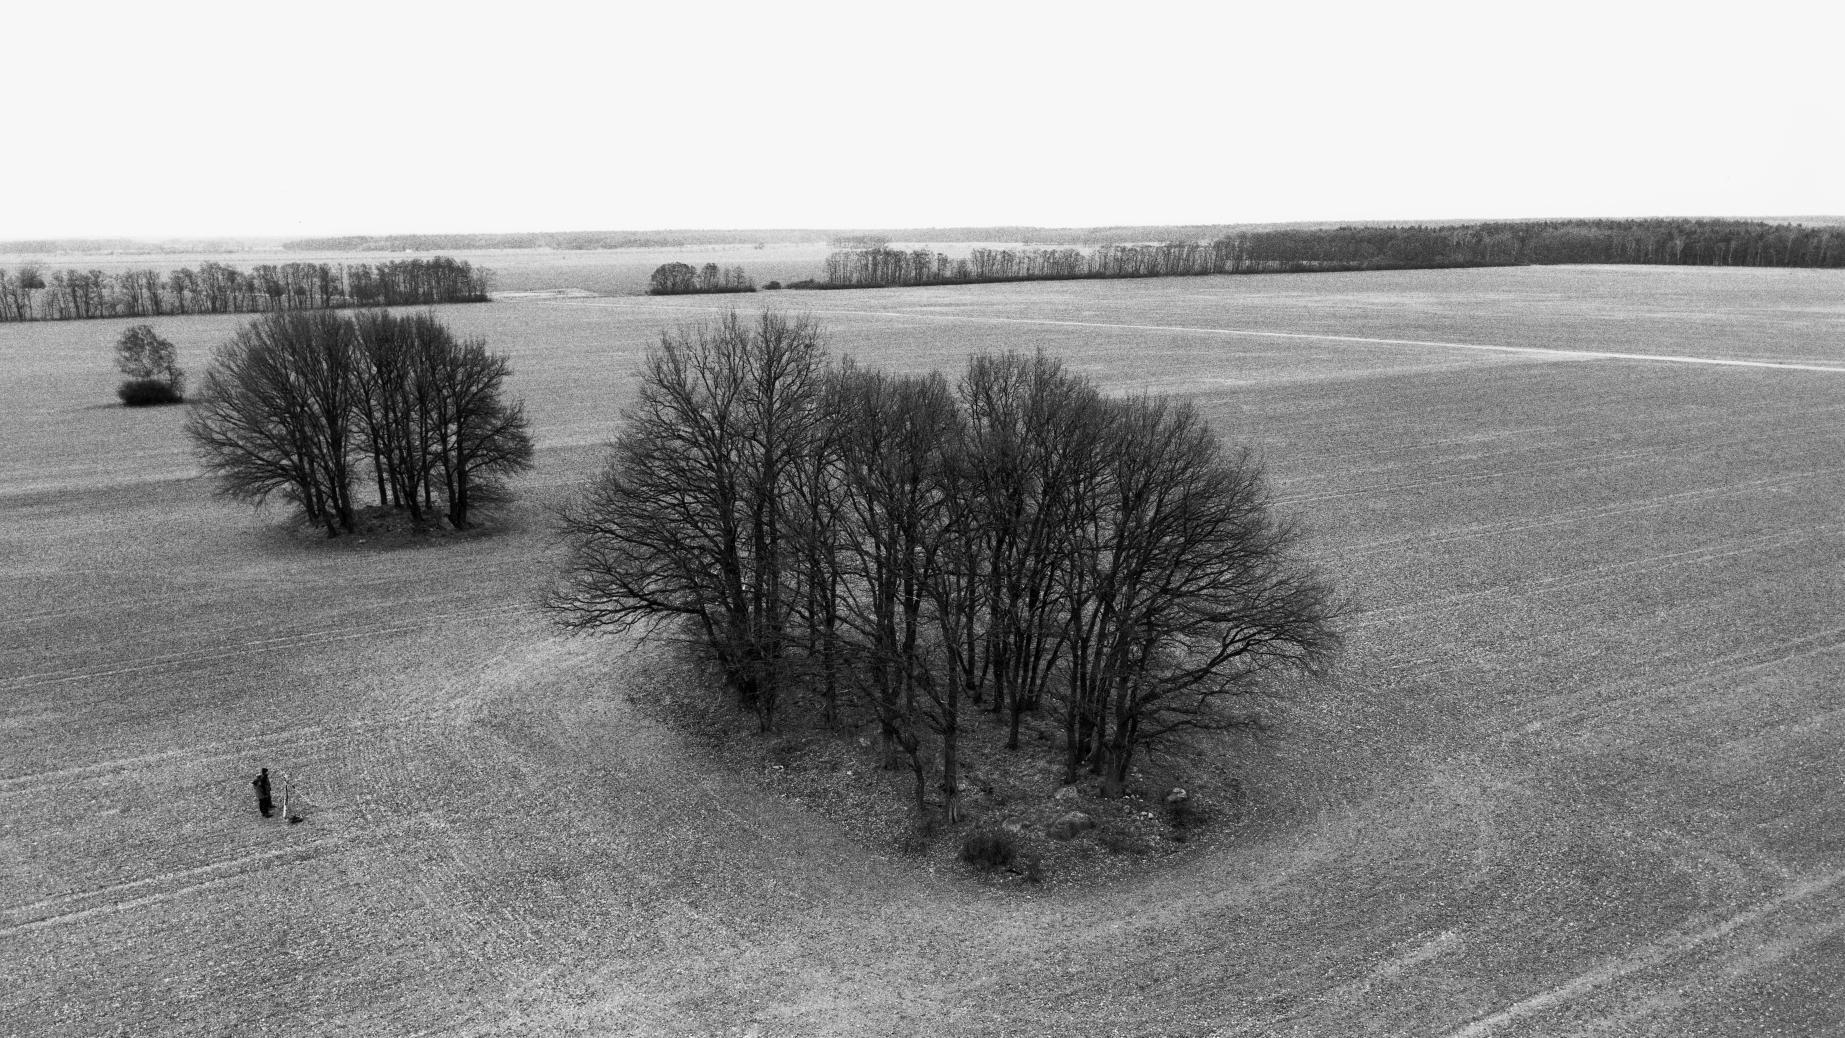 Die Großdolmen von Leetze, Fundplätze 1 bis 3, im Altmarkkreis Salzwedel. © Landesamt für Denkmalpflege und Archäologie Sachsen-Anhalt, Juraj Lipták.